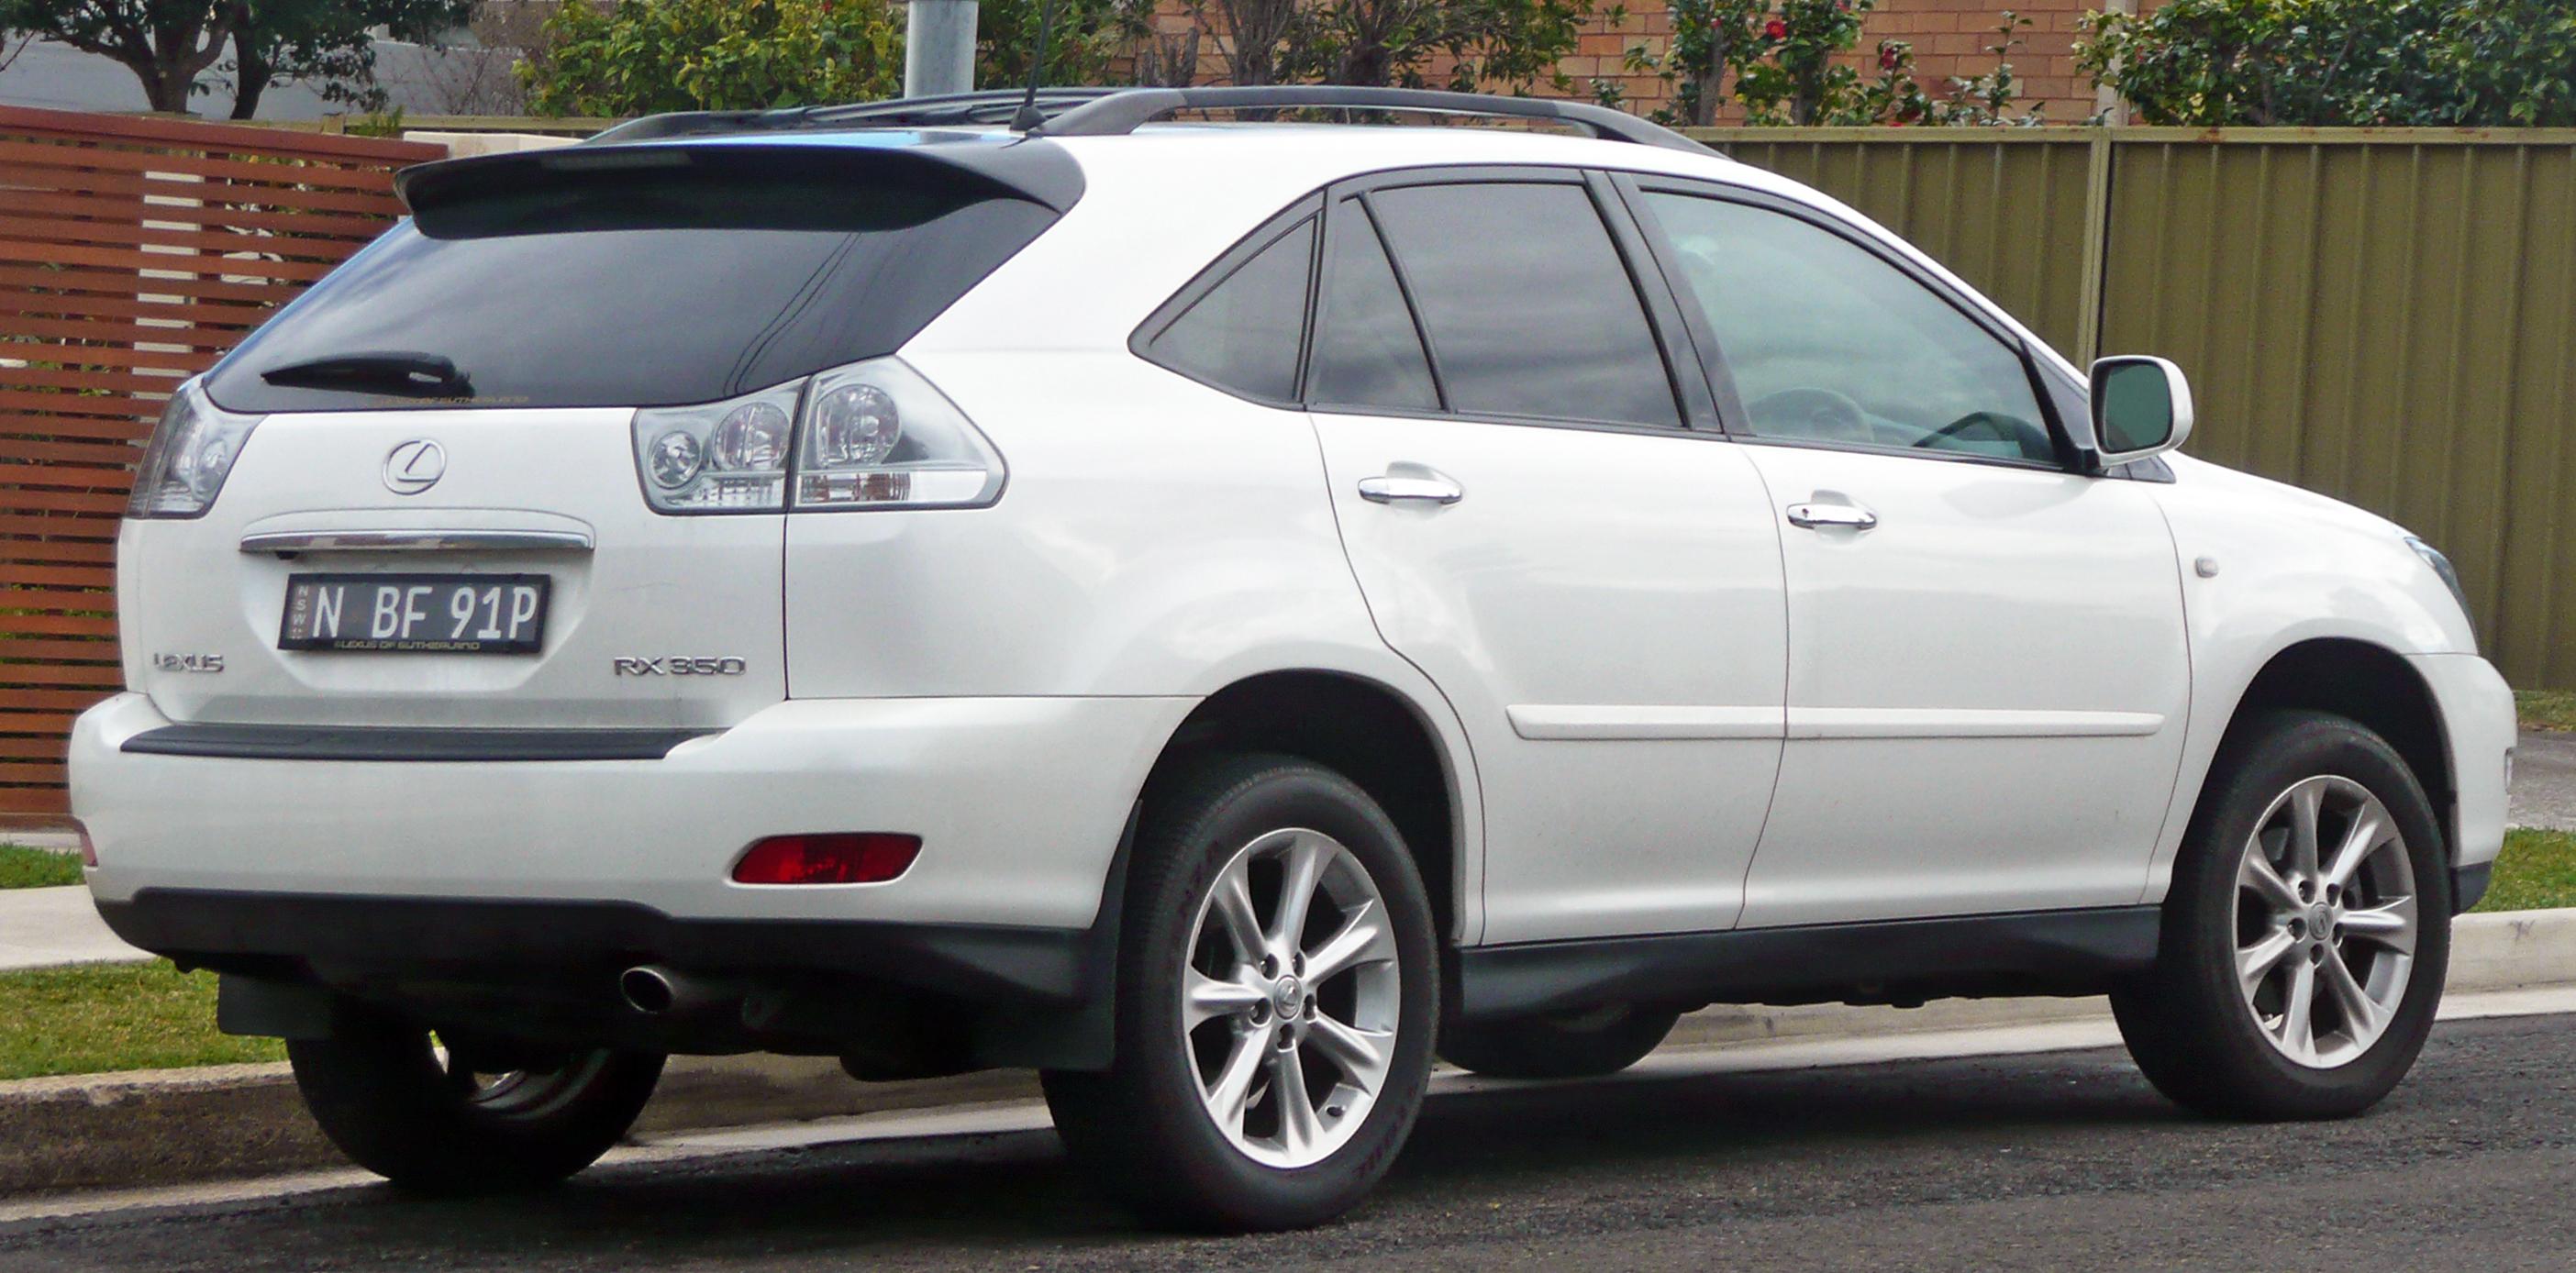 Lexus Is 350 >> 2008 LEXUS IS 350 - Image #5